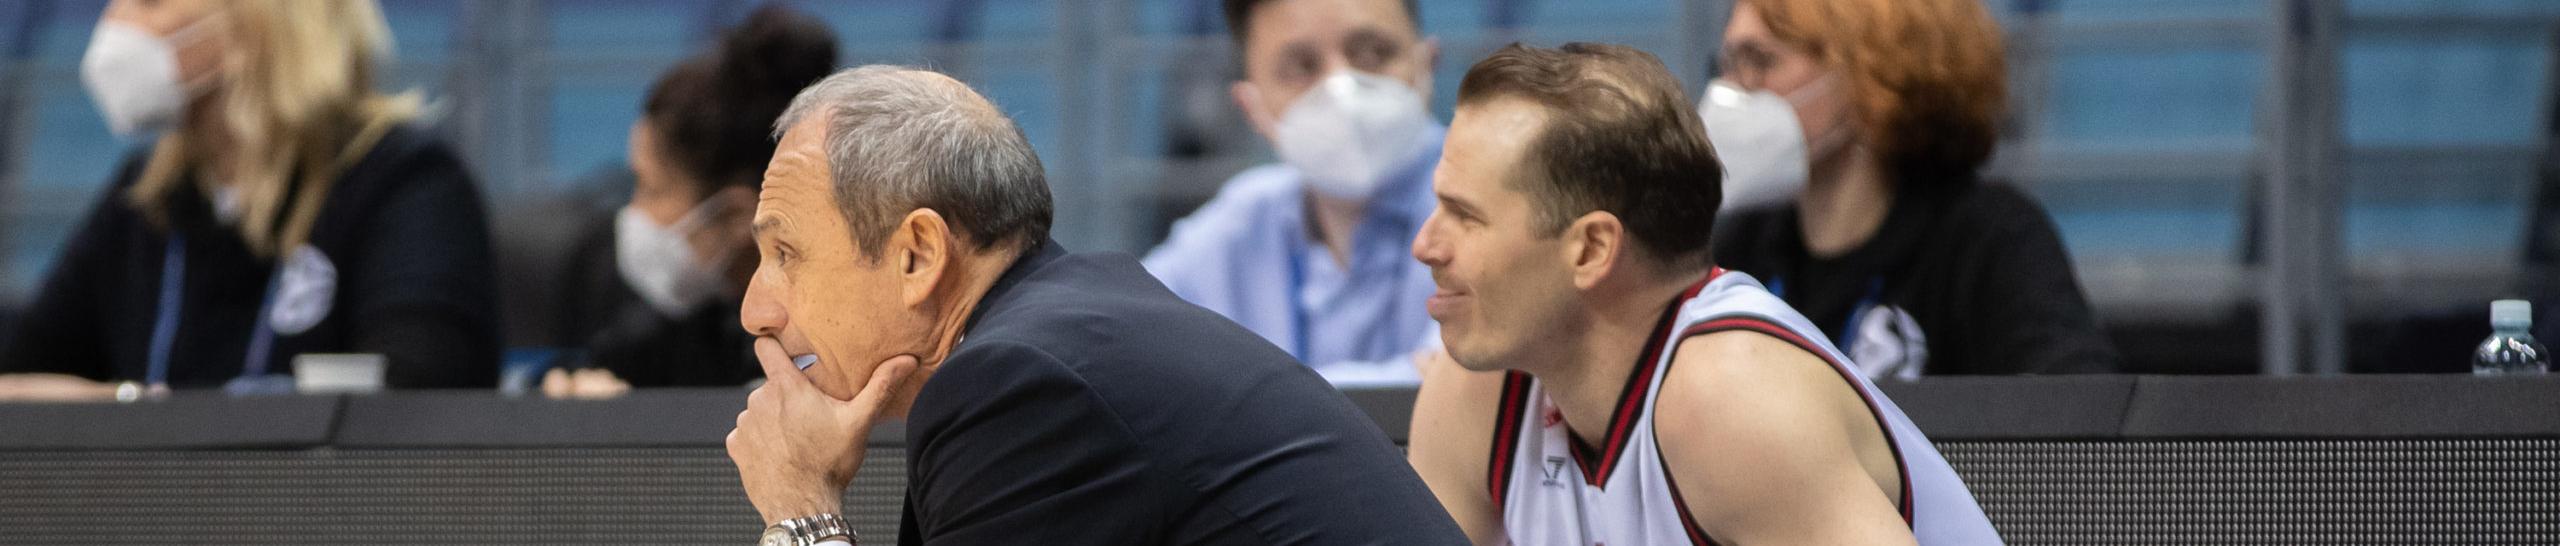 Pronostici Eurolega: Milano impegno soft col Khimki, CSKA al Pireo, occhio al derby turco